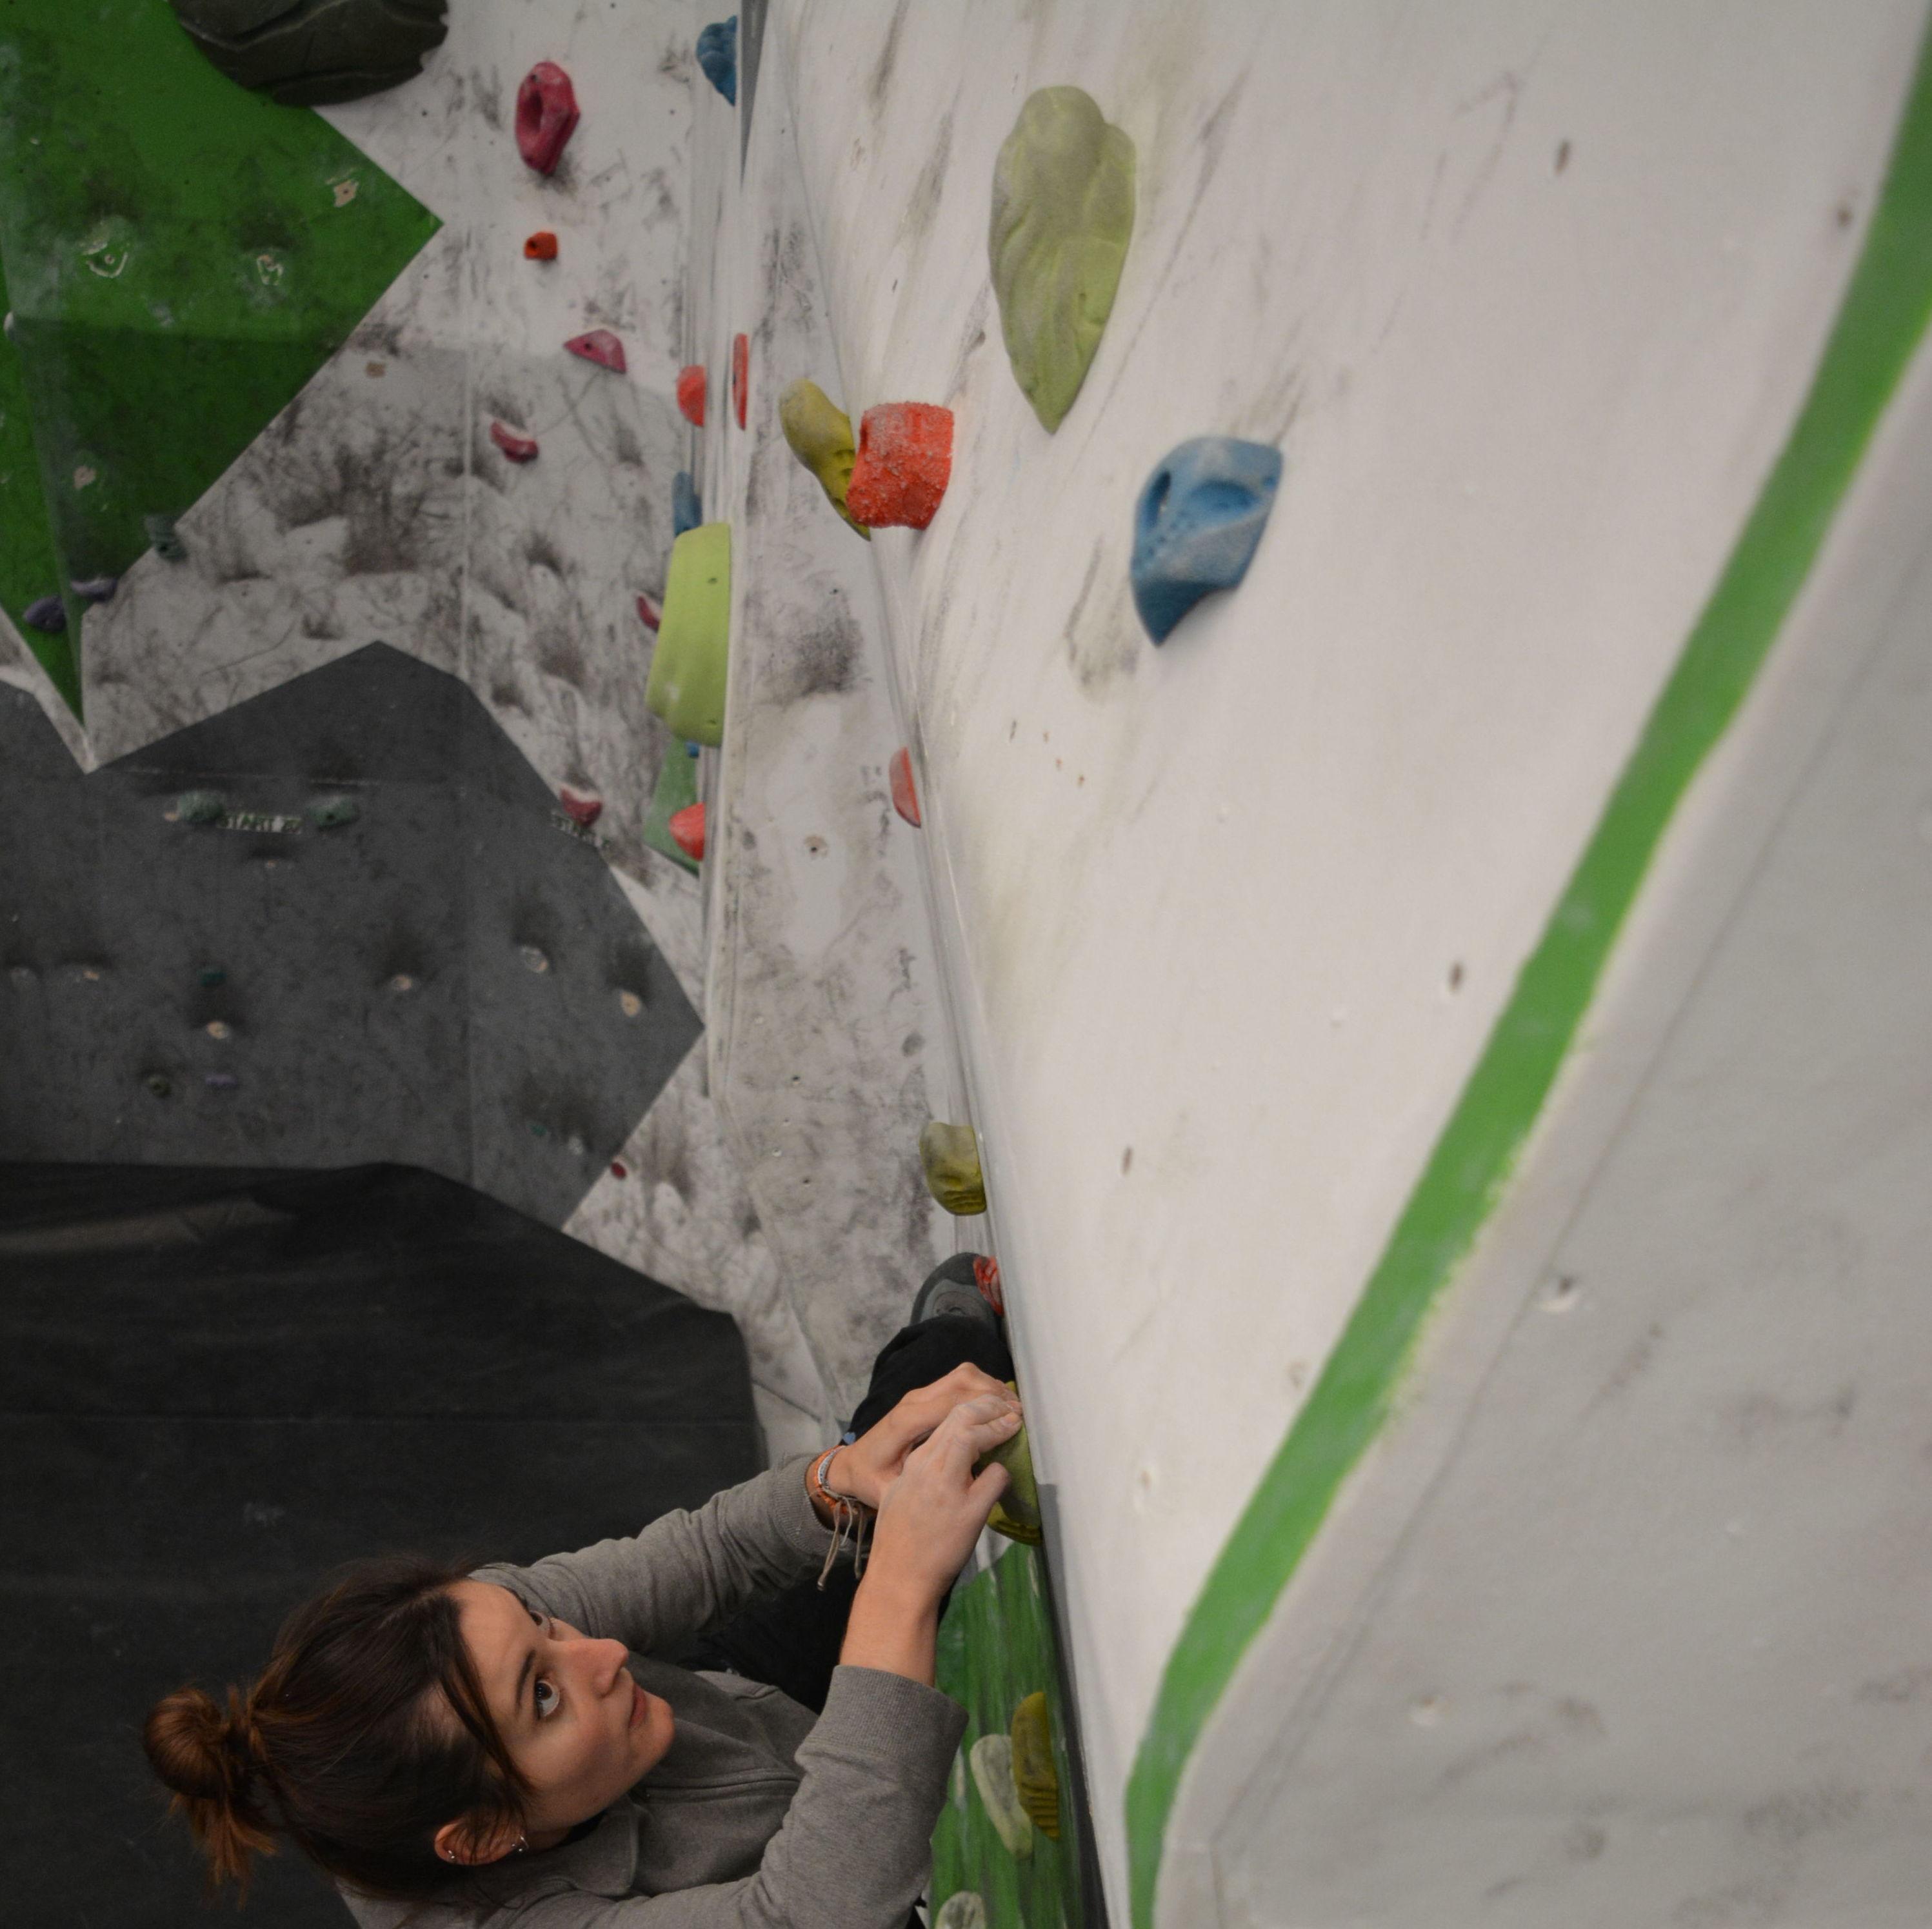 Clases de escalada en Getafe